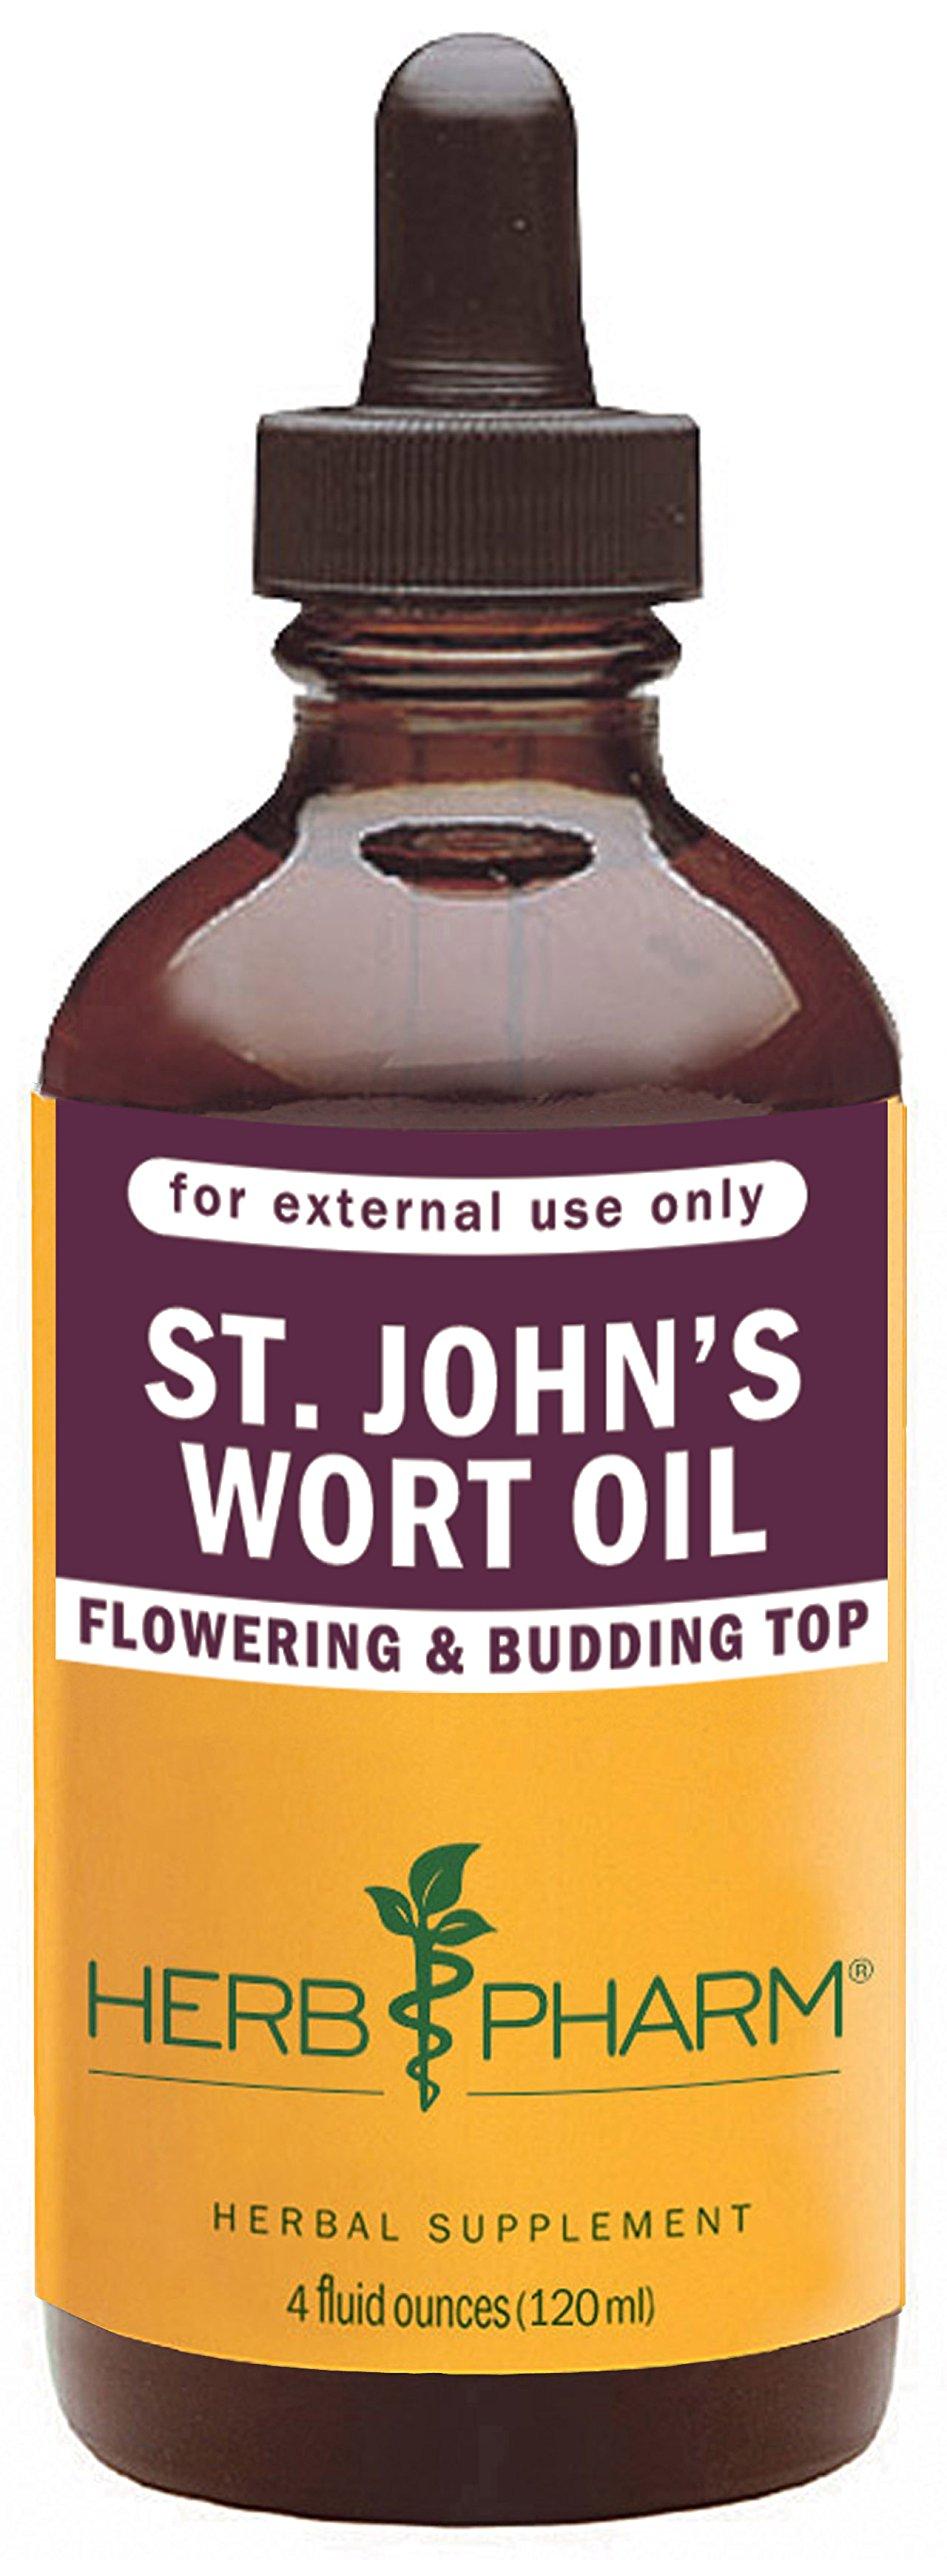 St. John's Wort Topical Oil